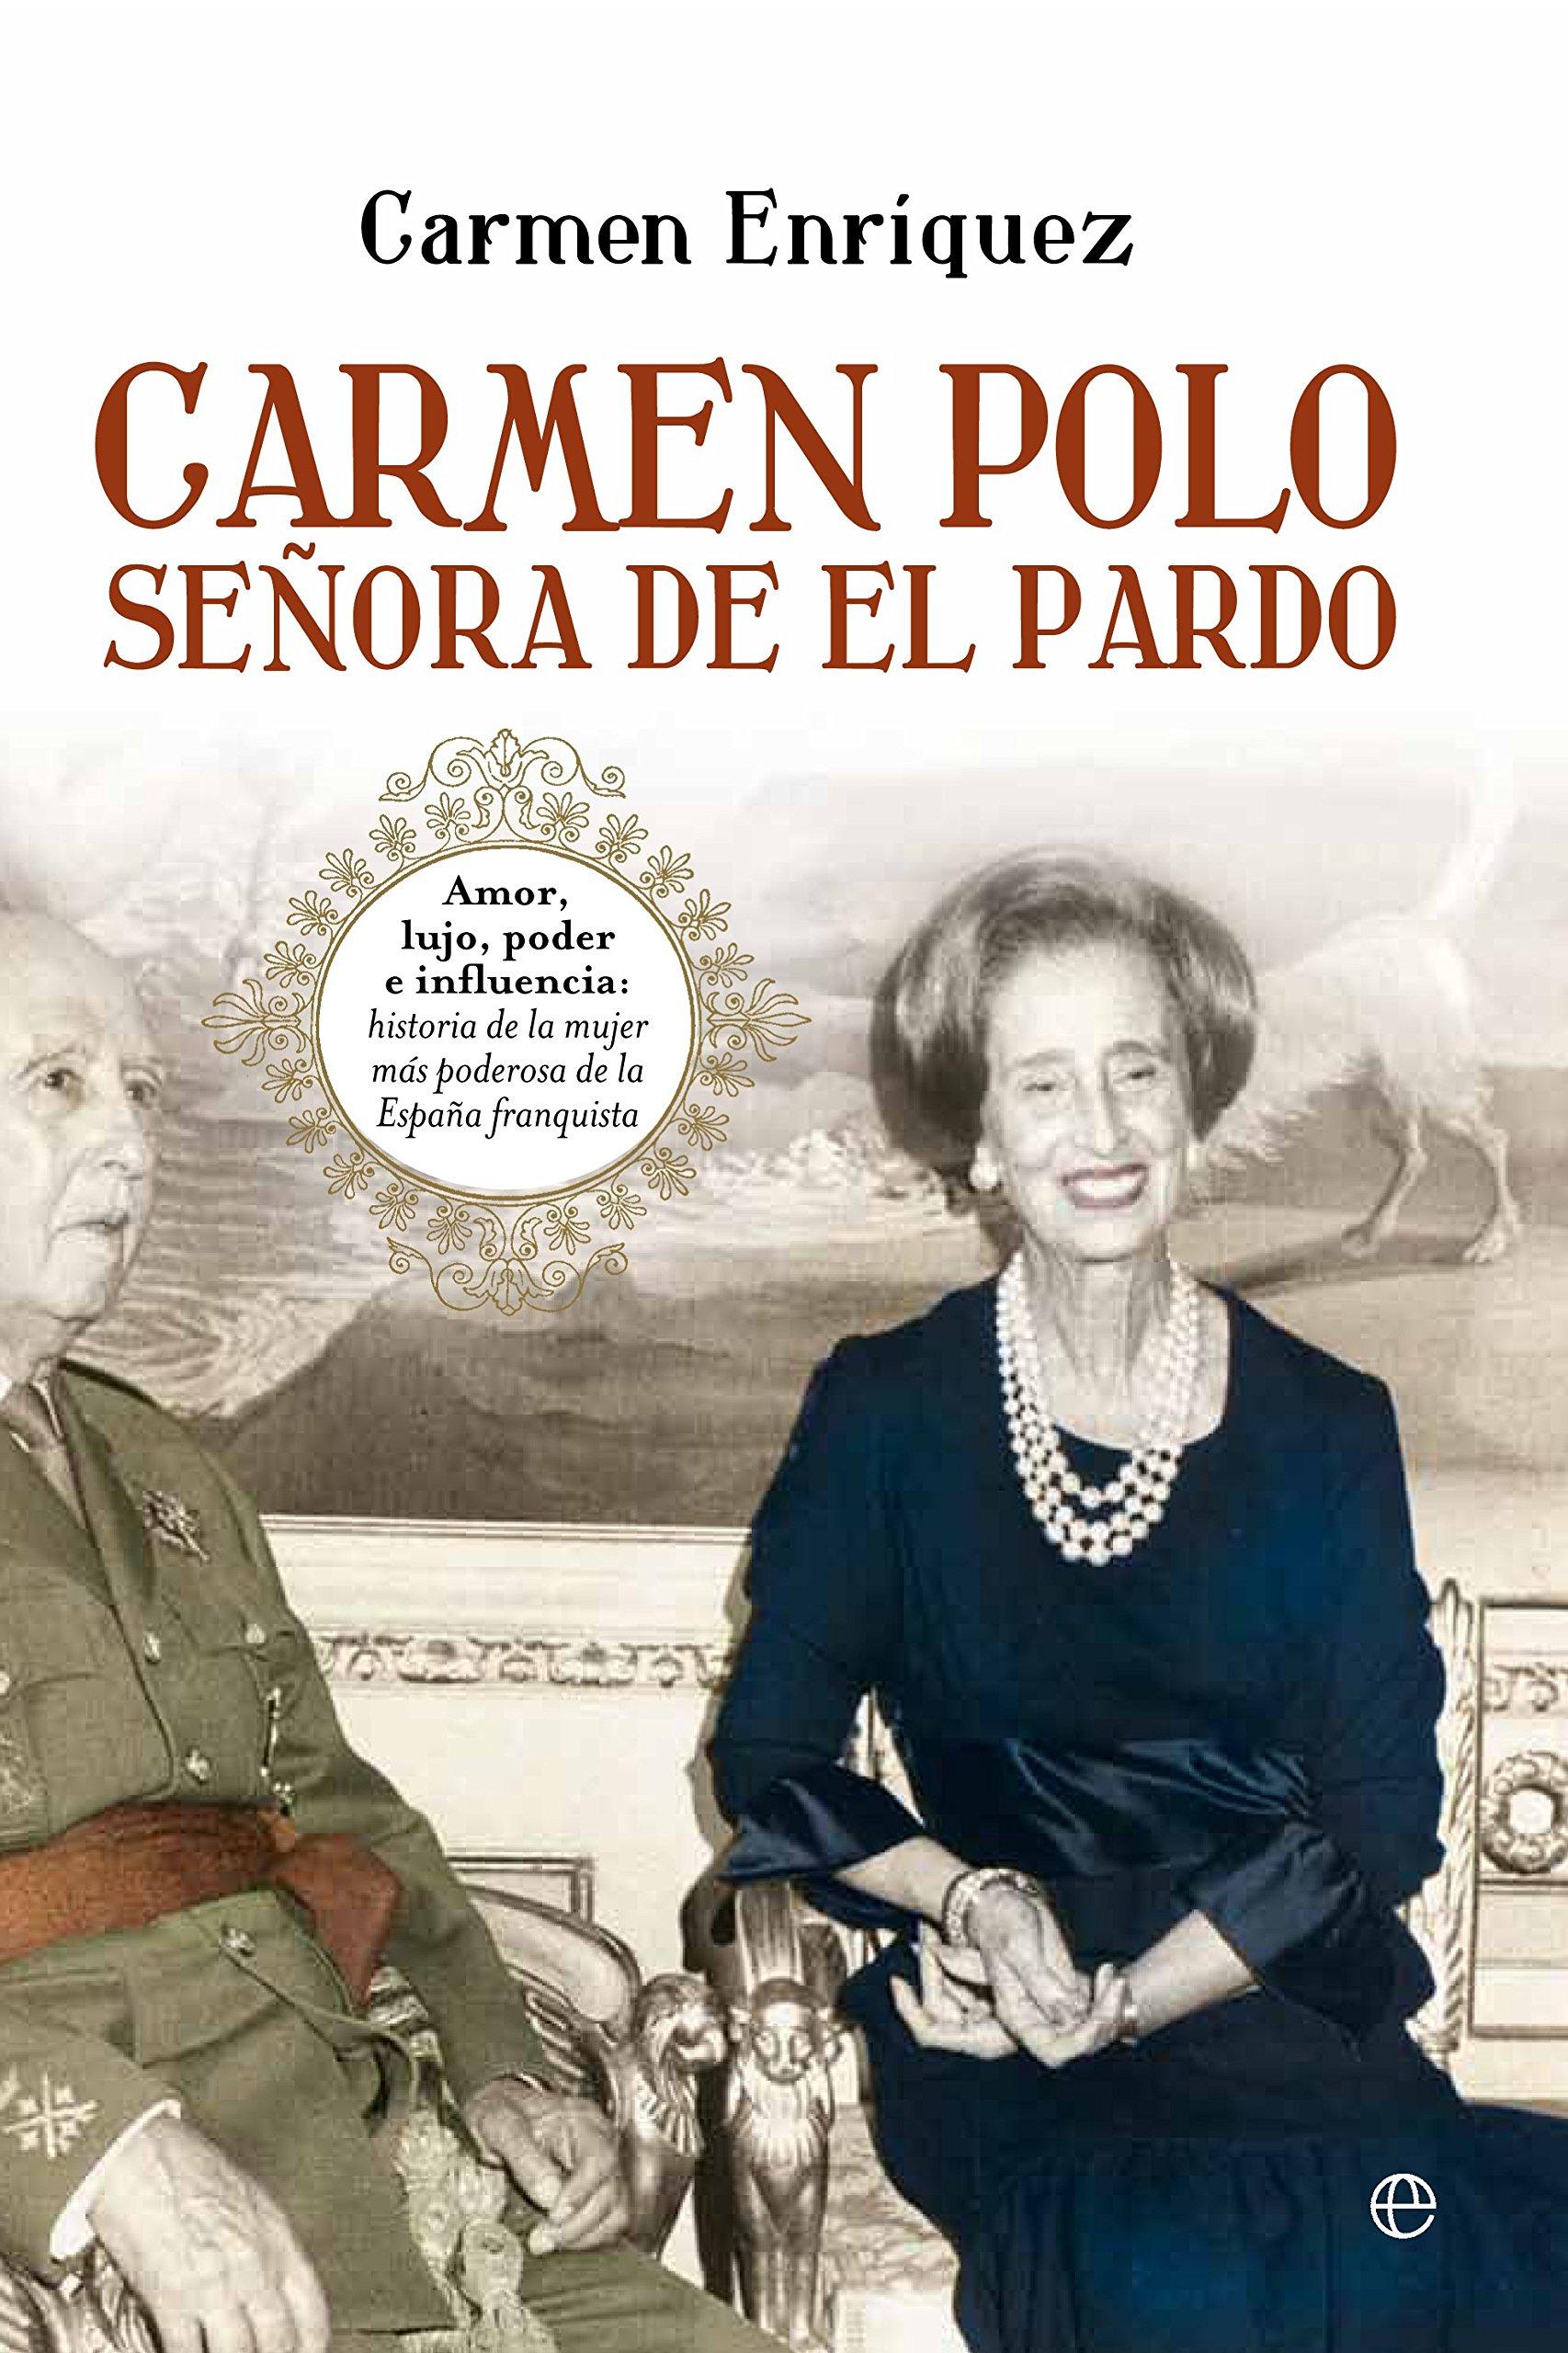 Carmen Polo, señora de EL Pardo: Amor, lujo, poder e influencia ...